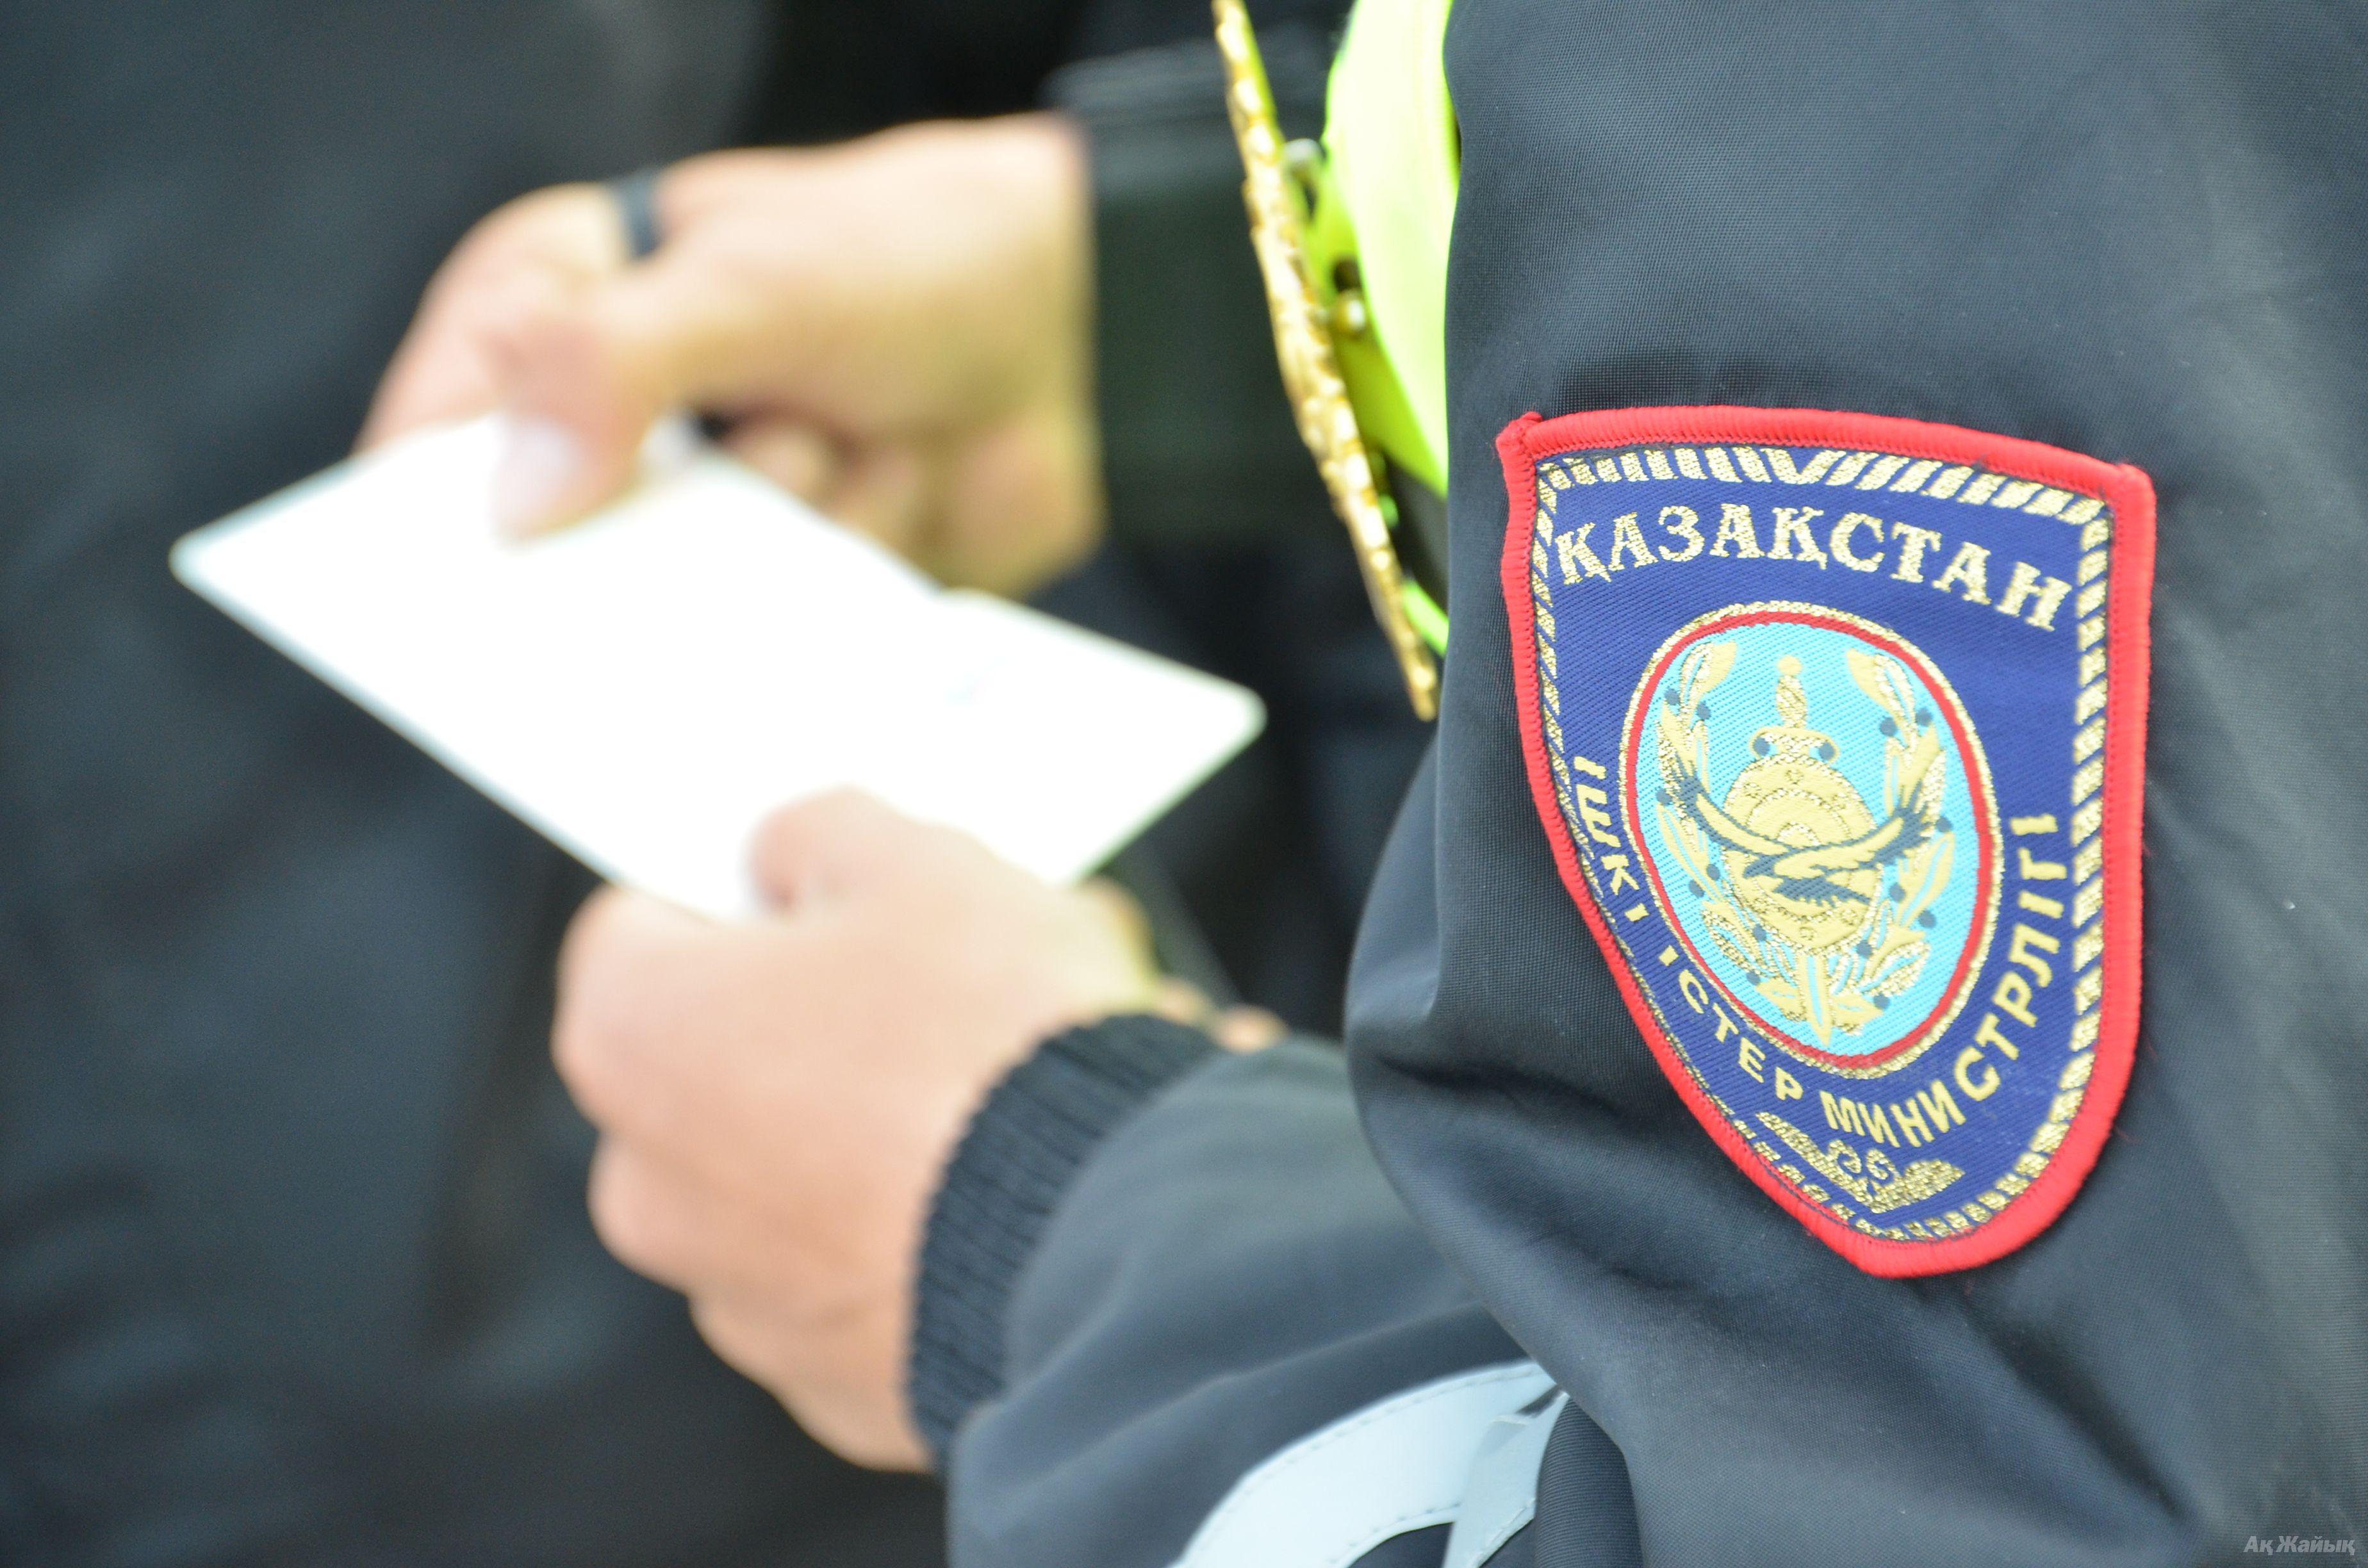 Полицейские в Актюбинской области вменяют задержанным более тяжкие составы преступлений – глава ДВД